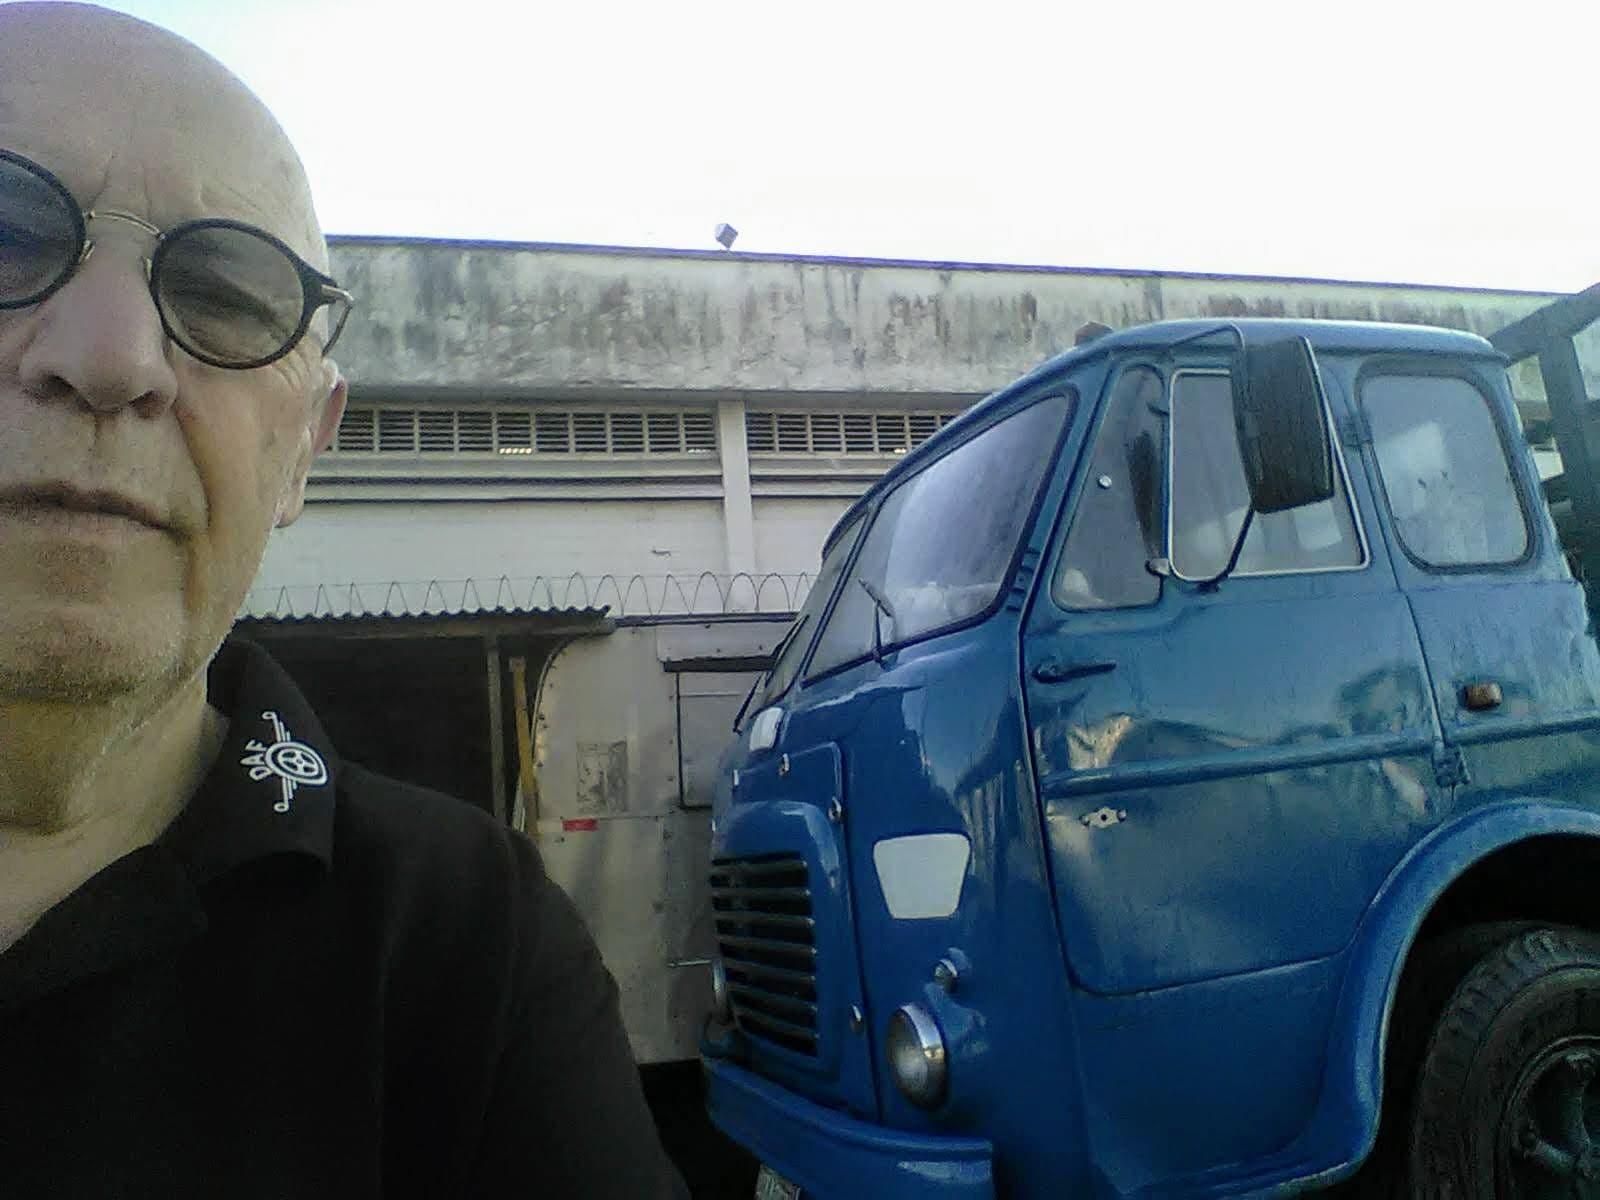 11-6-2019--FNM-met-onderdelen-van-Alfa-Romeo.bouw-jaar-1977-van-de-zelfde-eigenaar-dodemans-deuren-en-twee-poken-voor-versnelling-1